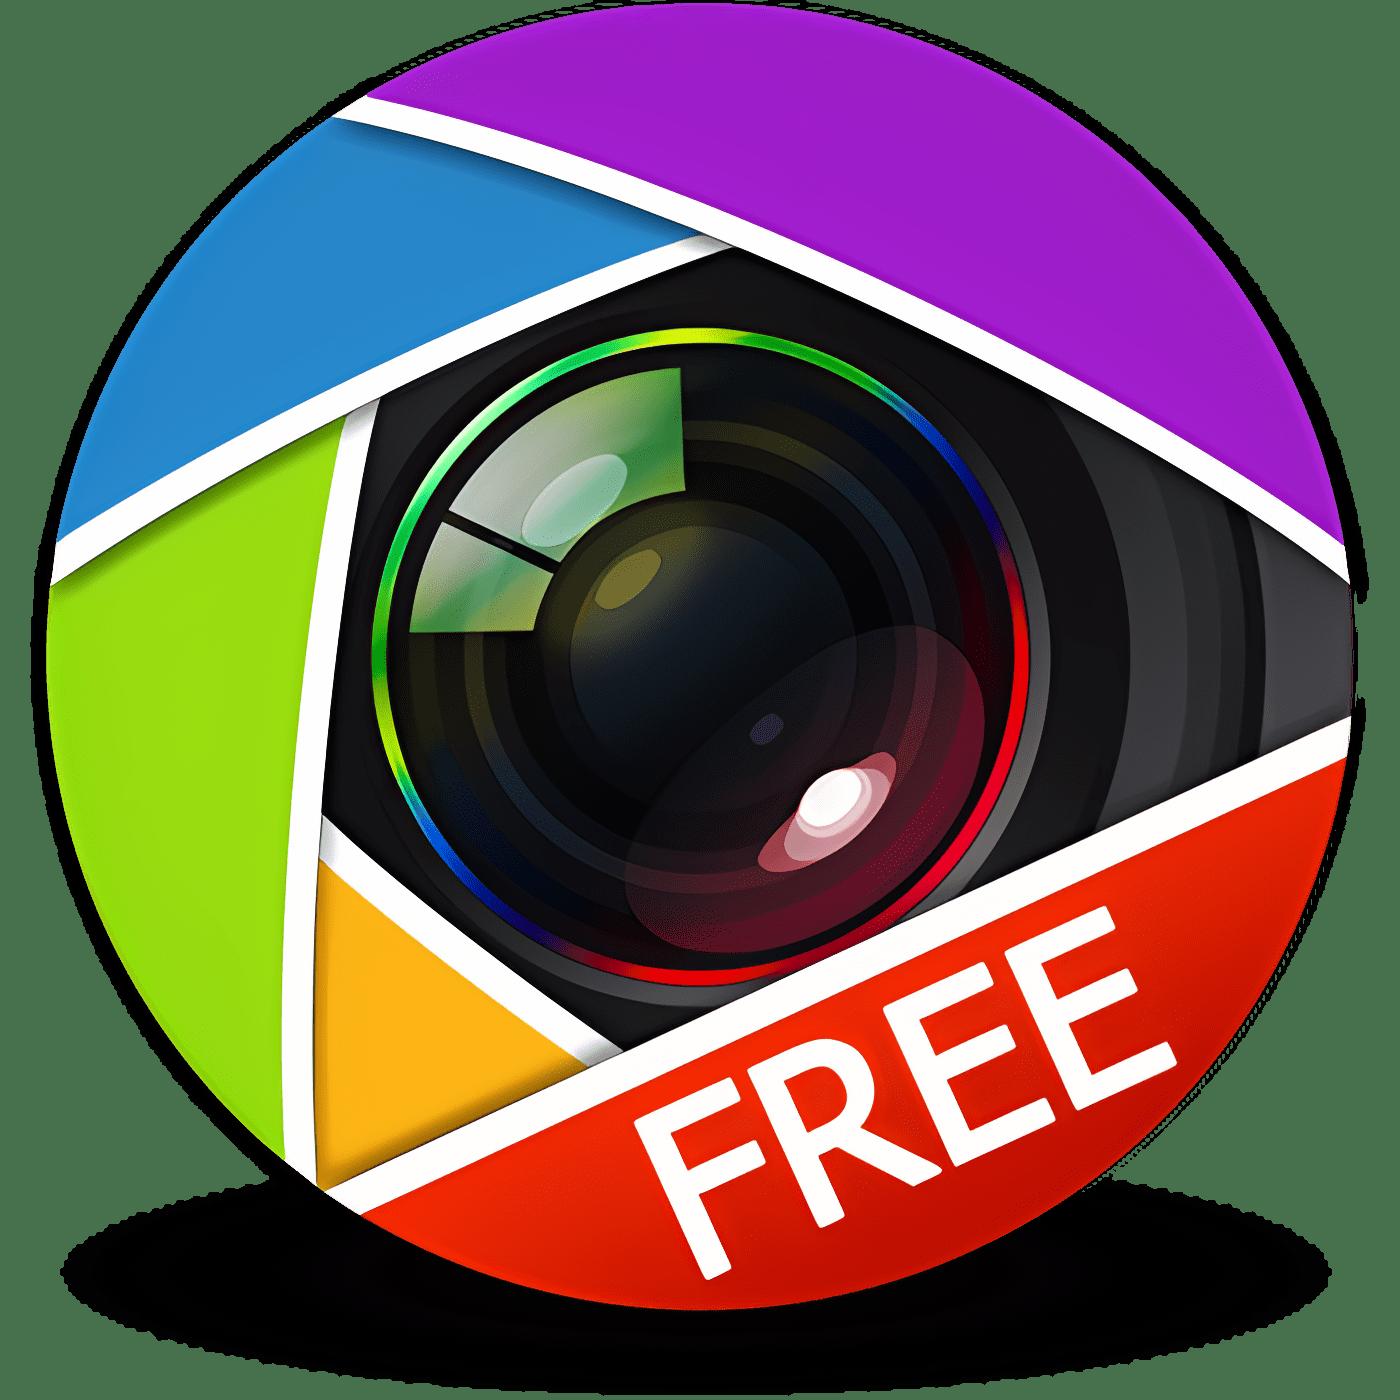 CollageIt 3 Free 3.6.2